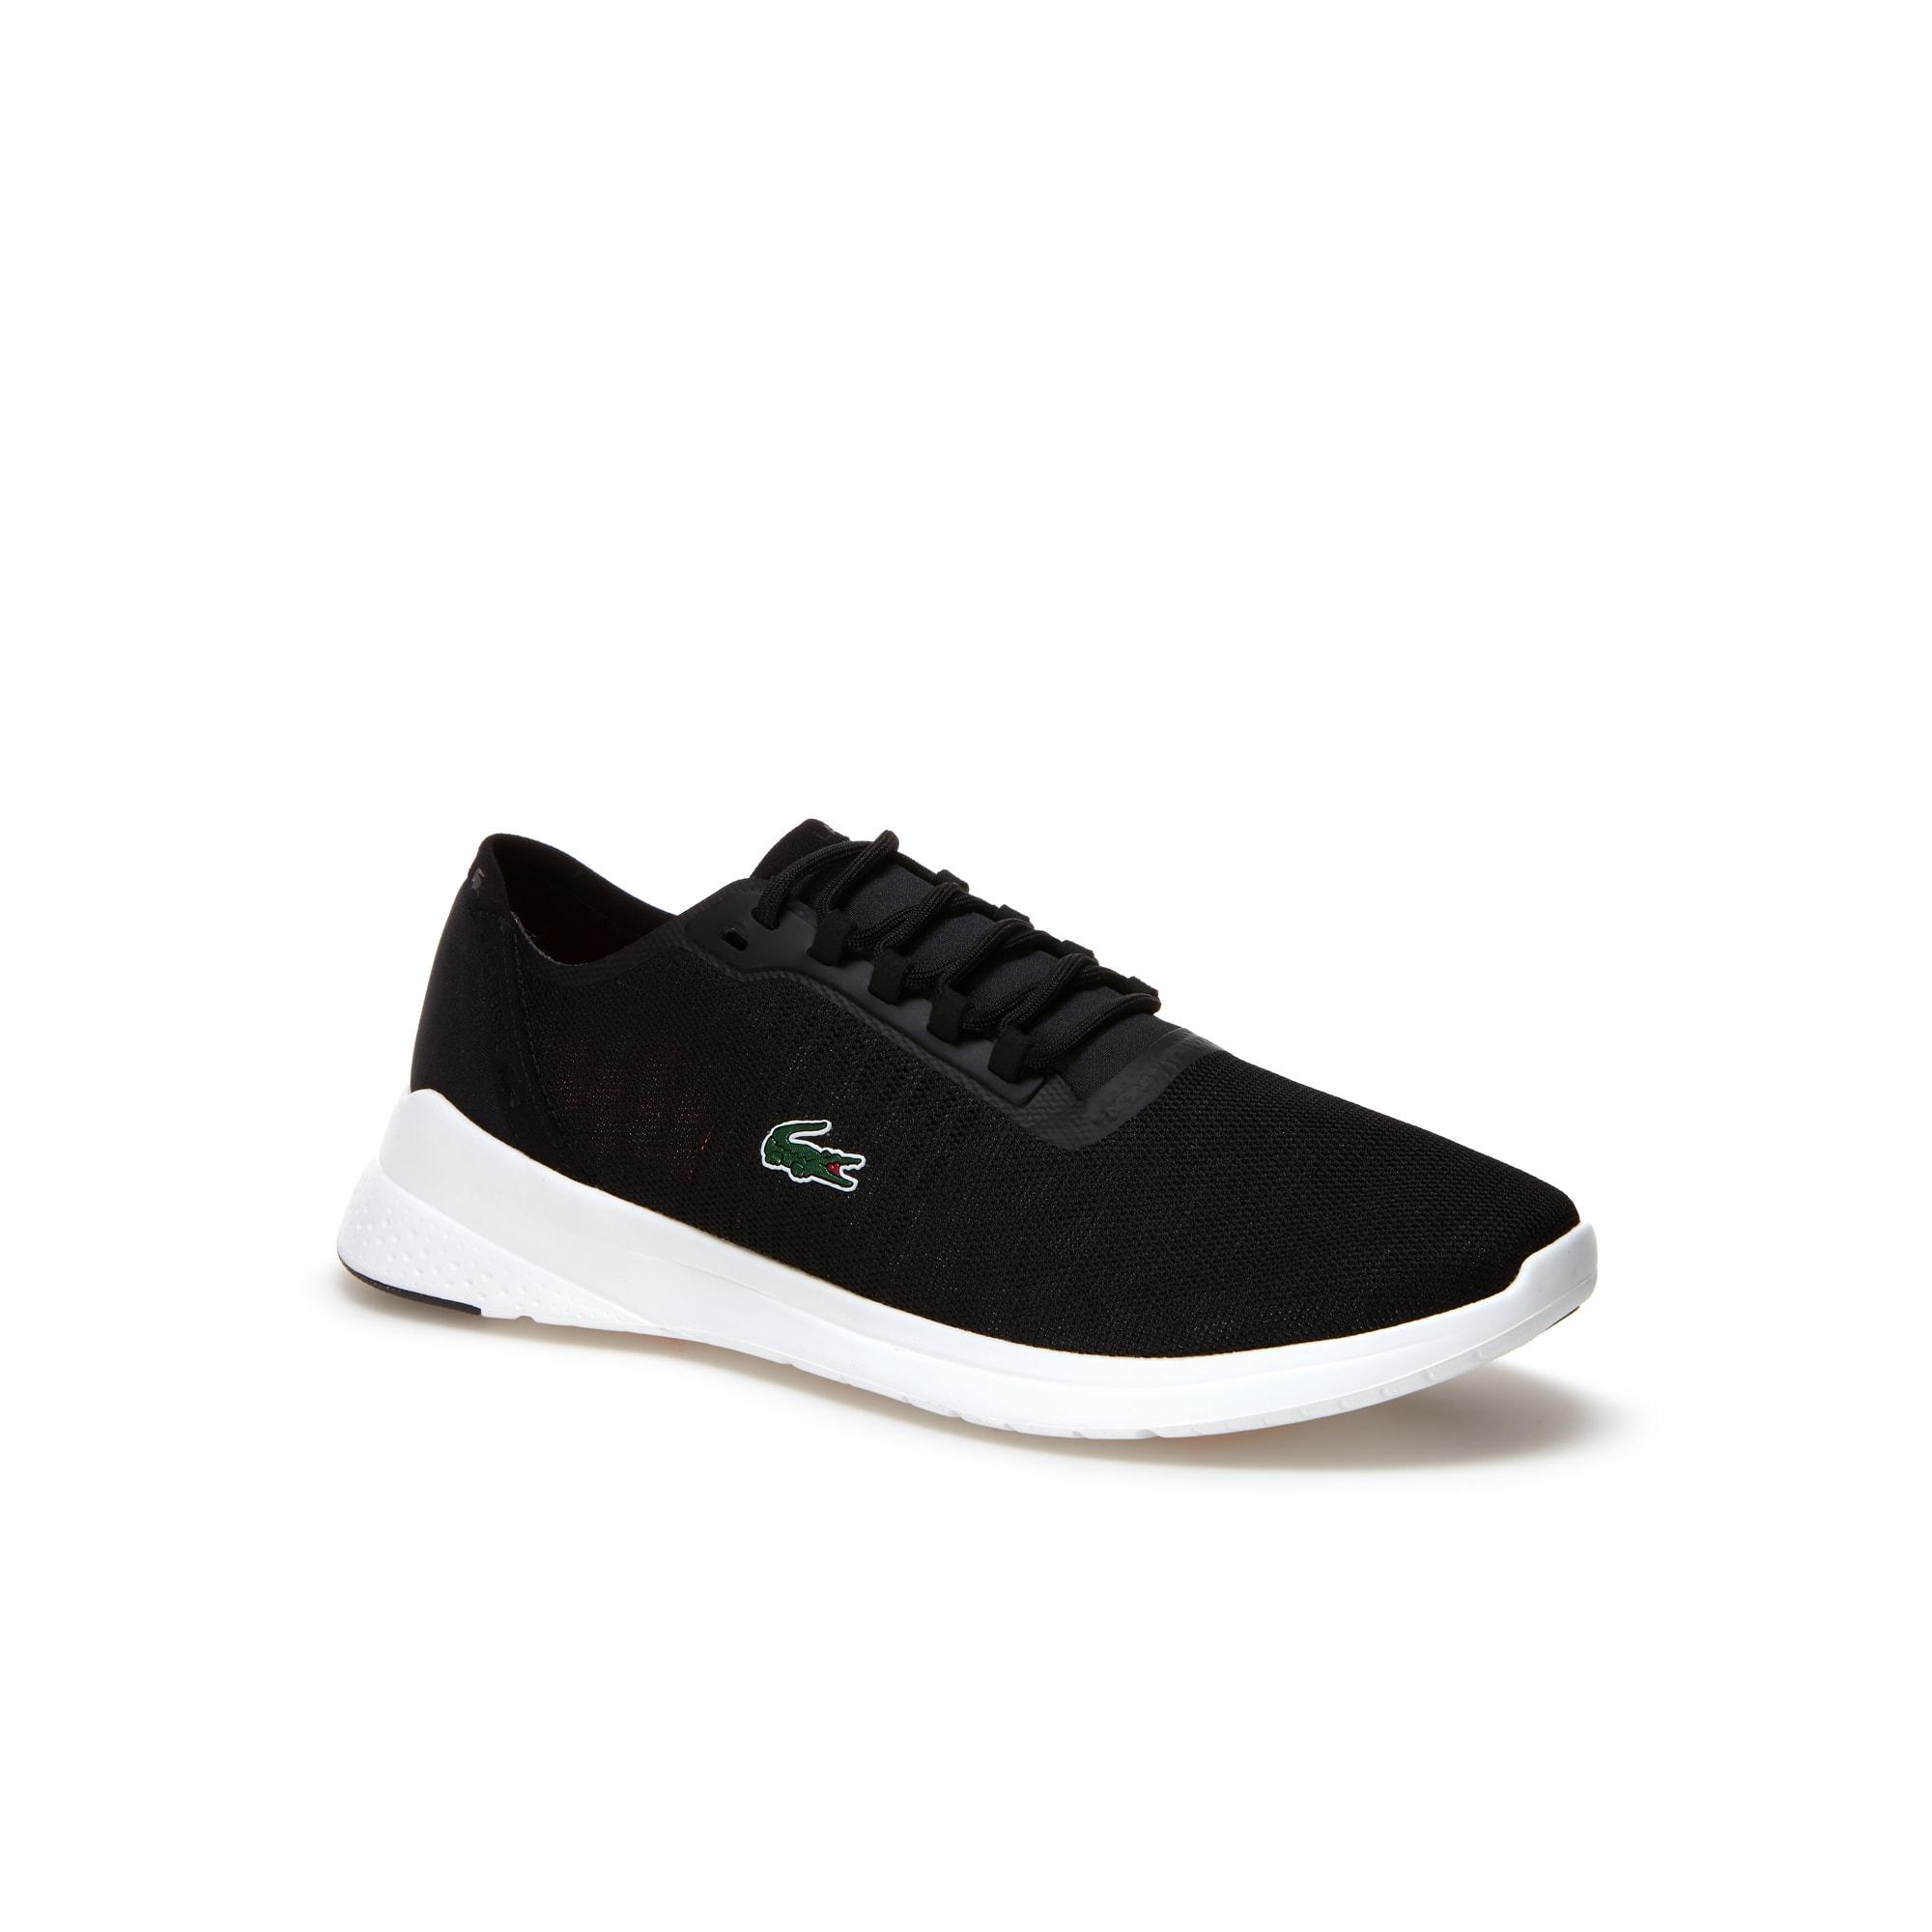 Sneakers LT Fit en textile et résille ton sur ton